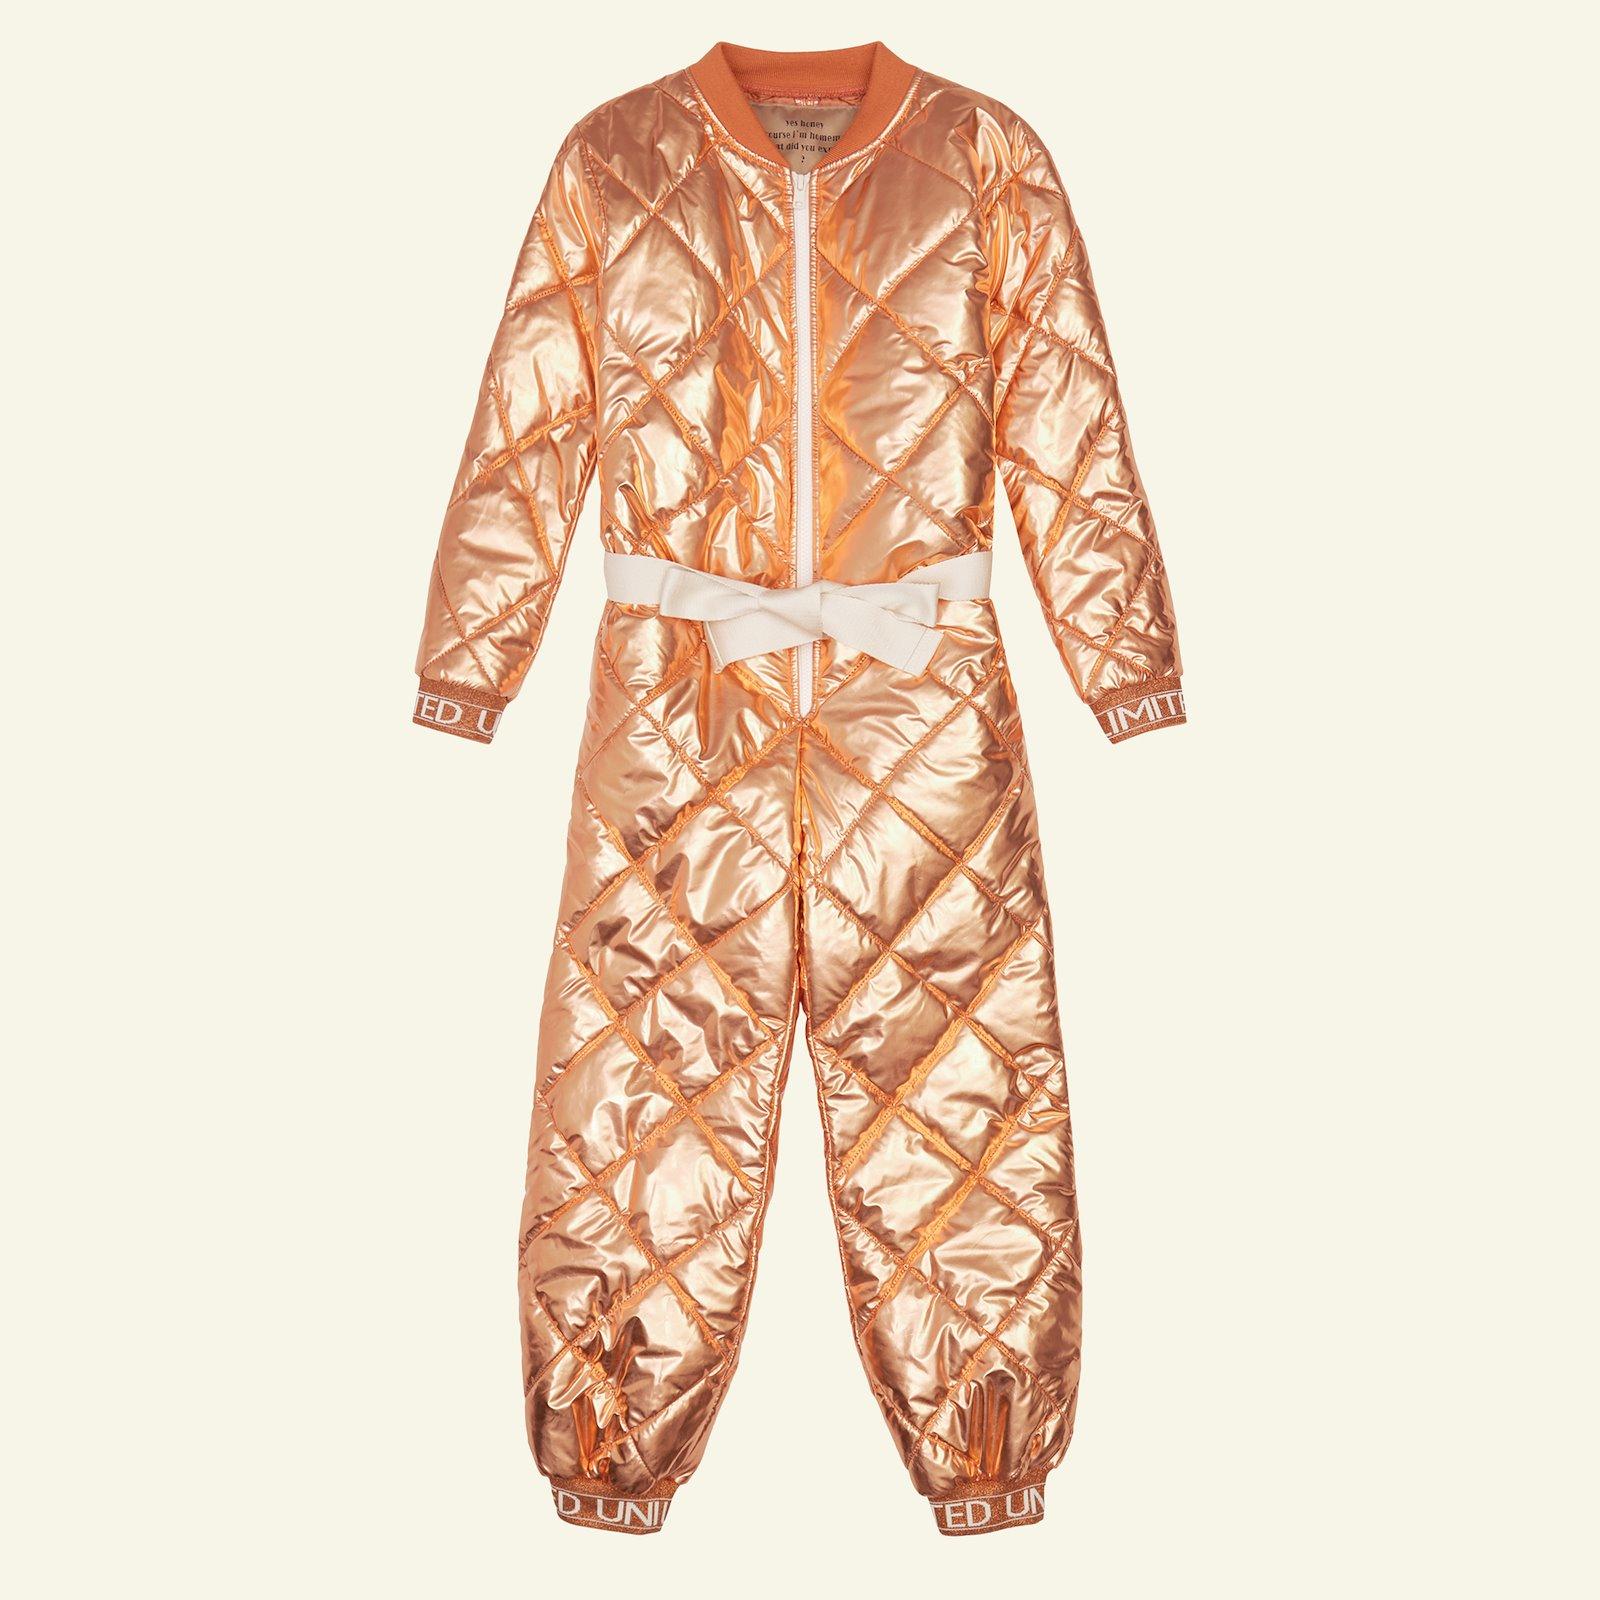 1x1 rib fold 10x100cm copper lurex 1pc p65022_920220_96183_21347_sskit